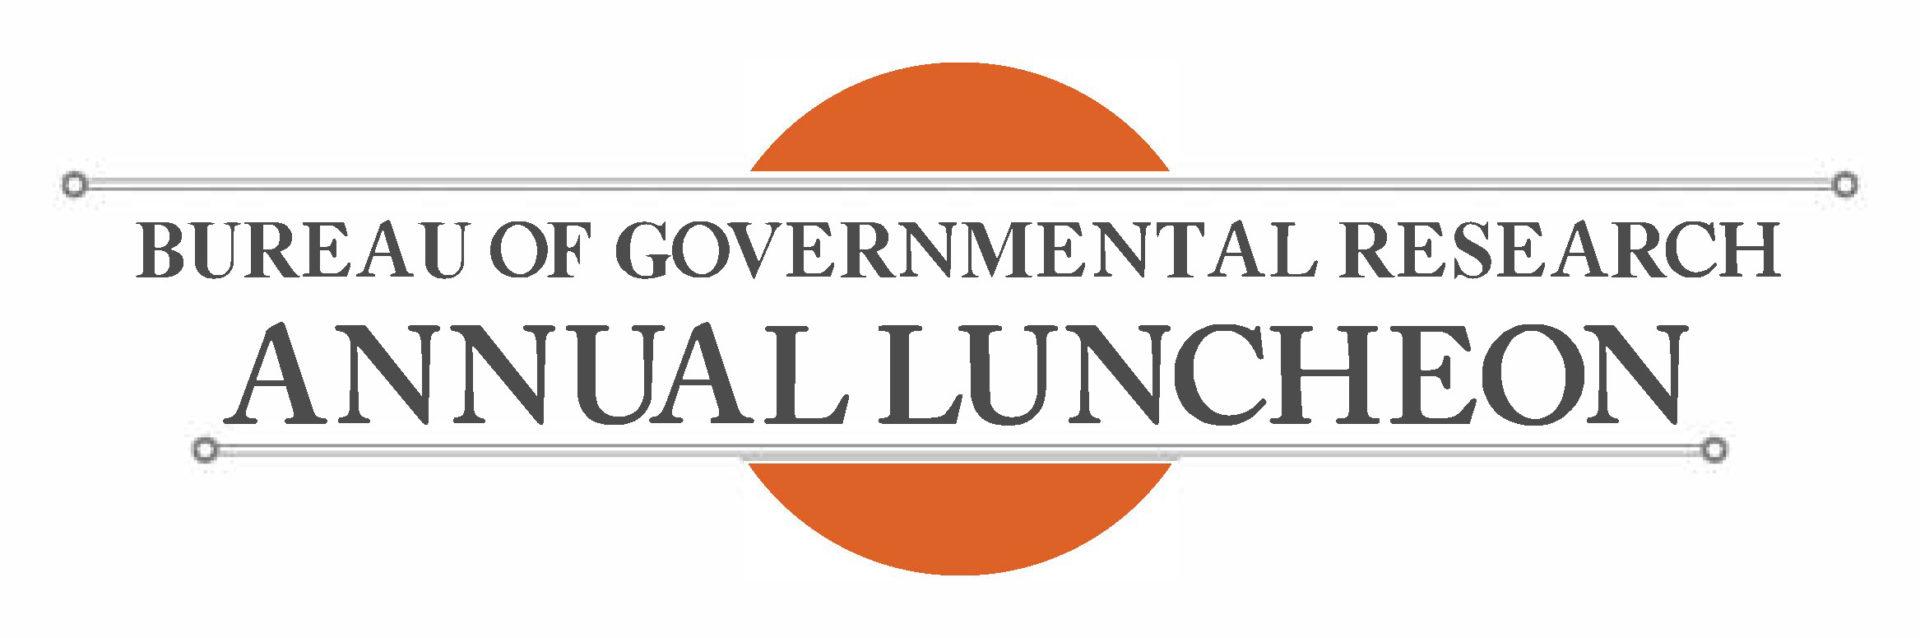 BGR Annual Luncheon